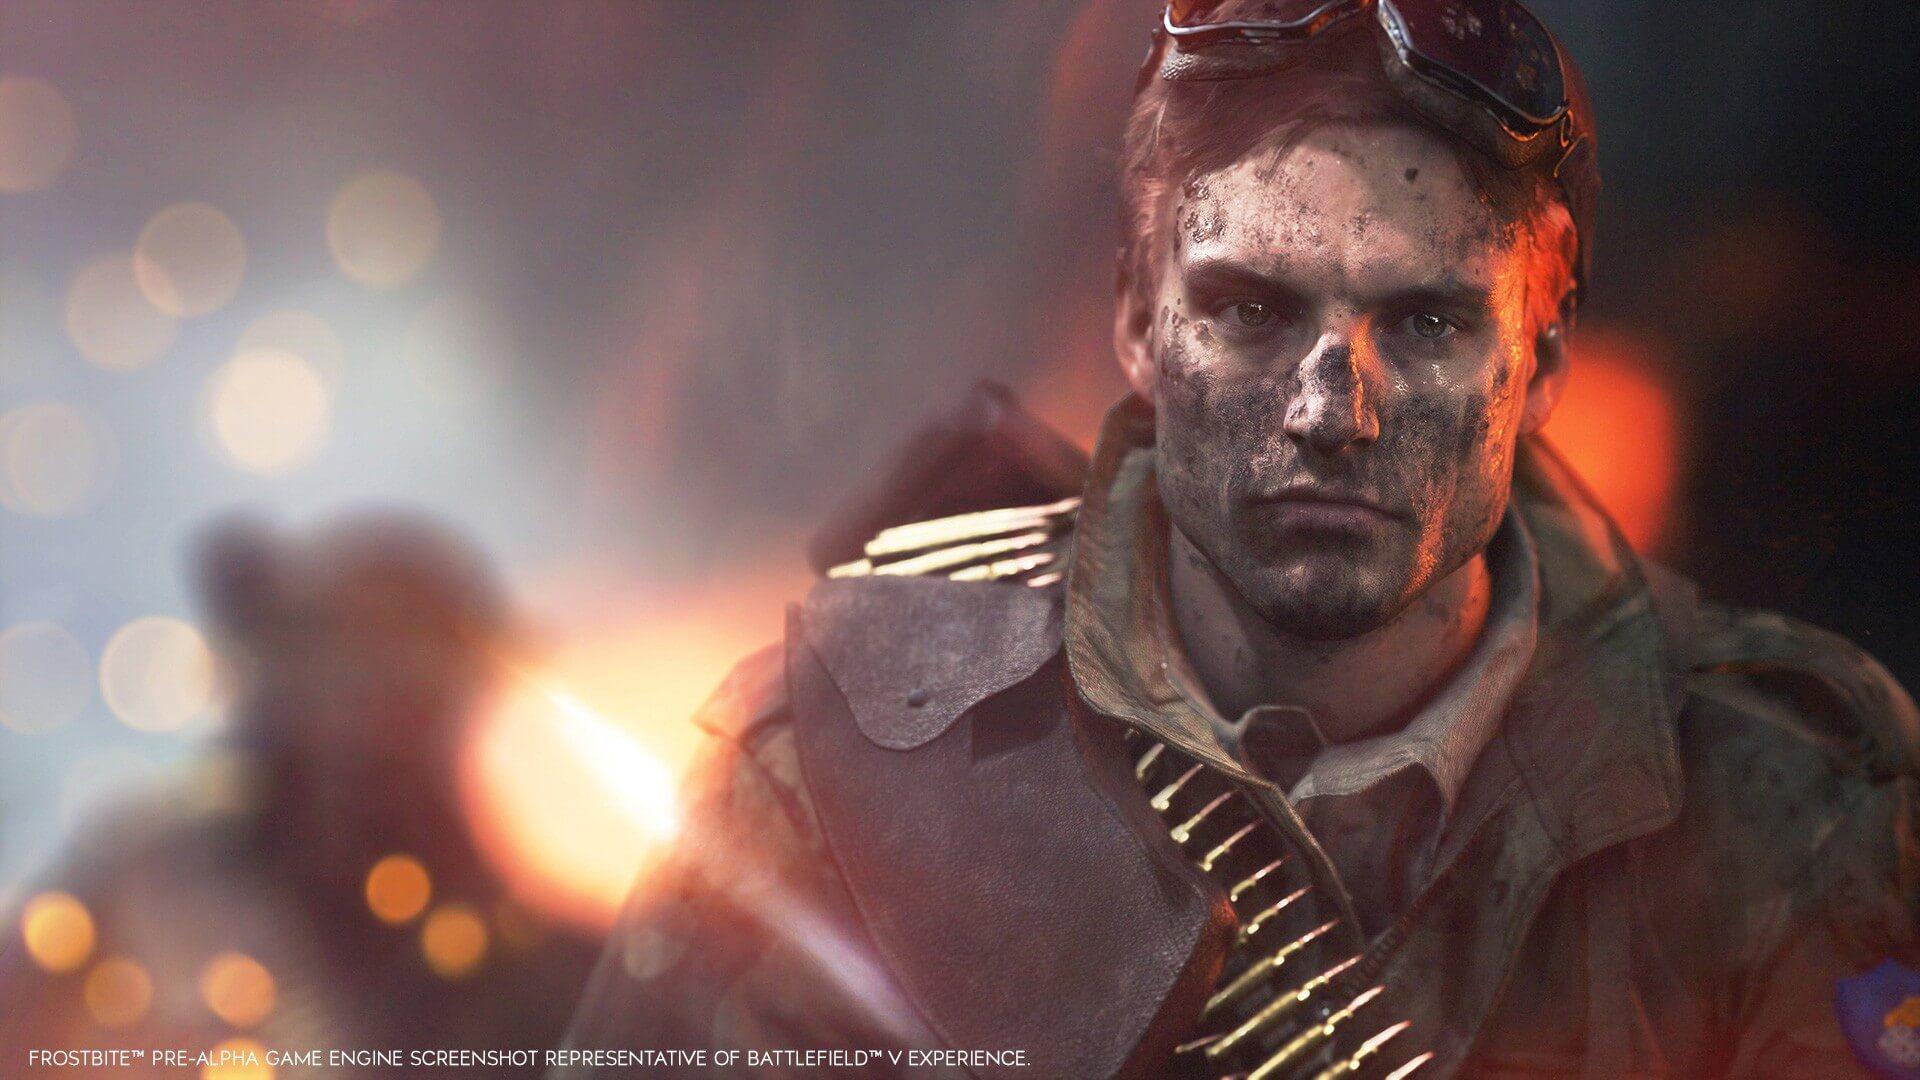 توسعهی حالت رقابتی جدید ۵ در مقابل ۵ برای Battlefield V لغو شد